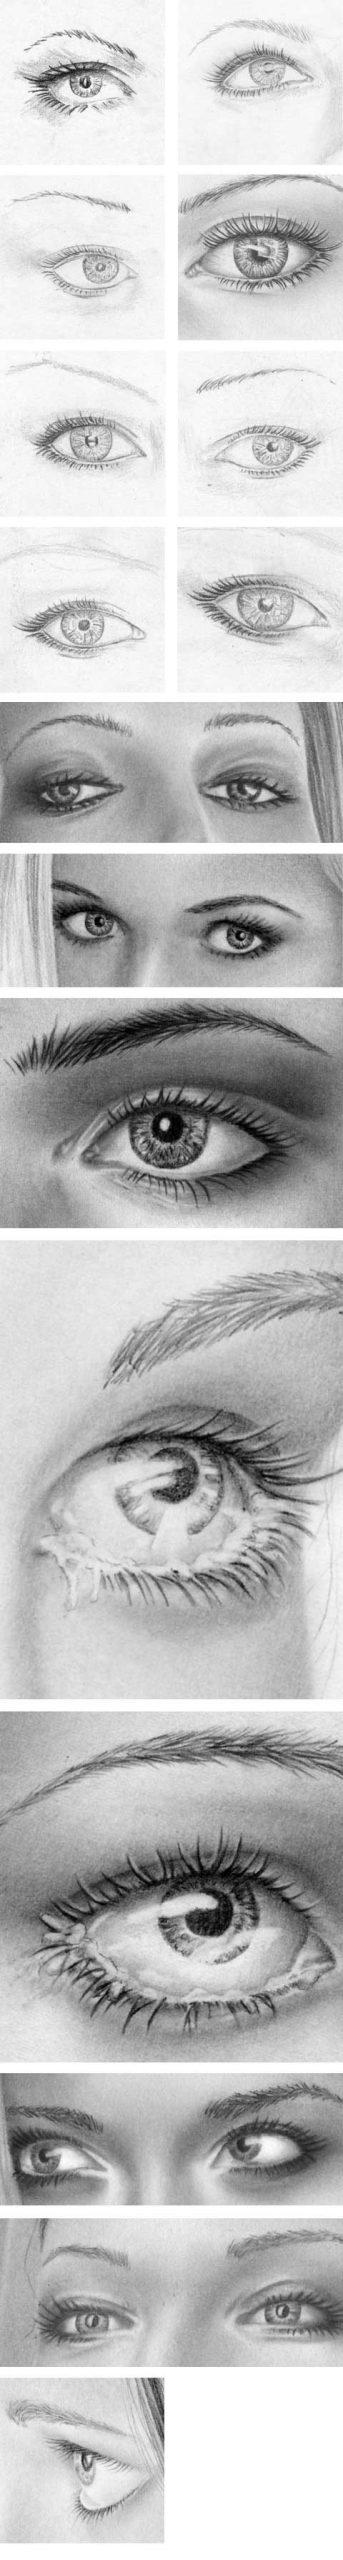 Strahlende Augen, Pupille, Iris Zeichnen Lernen - Zeichenkurs ganzes Augen Malen Lernen